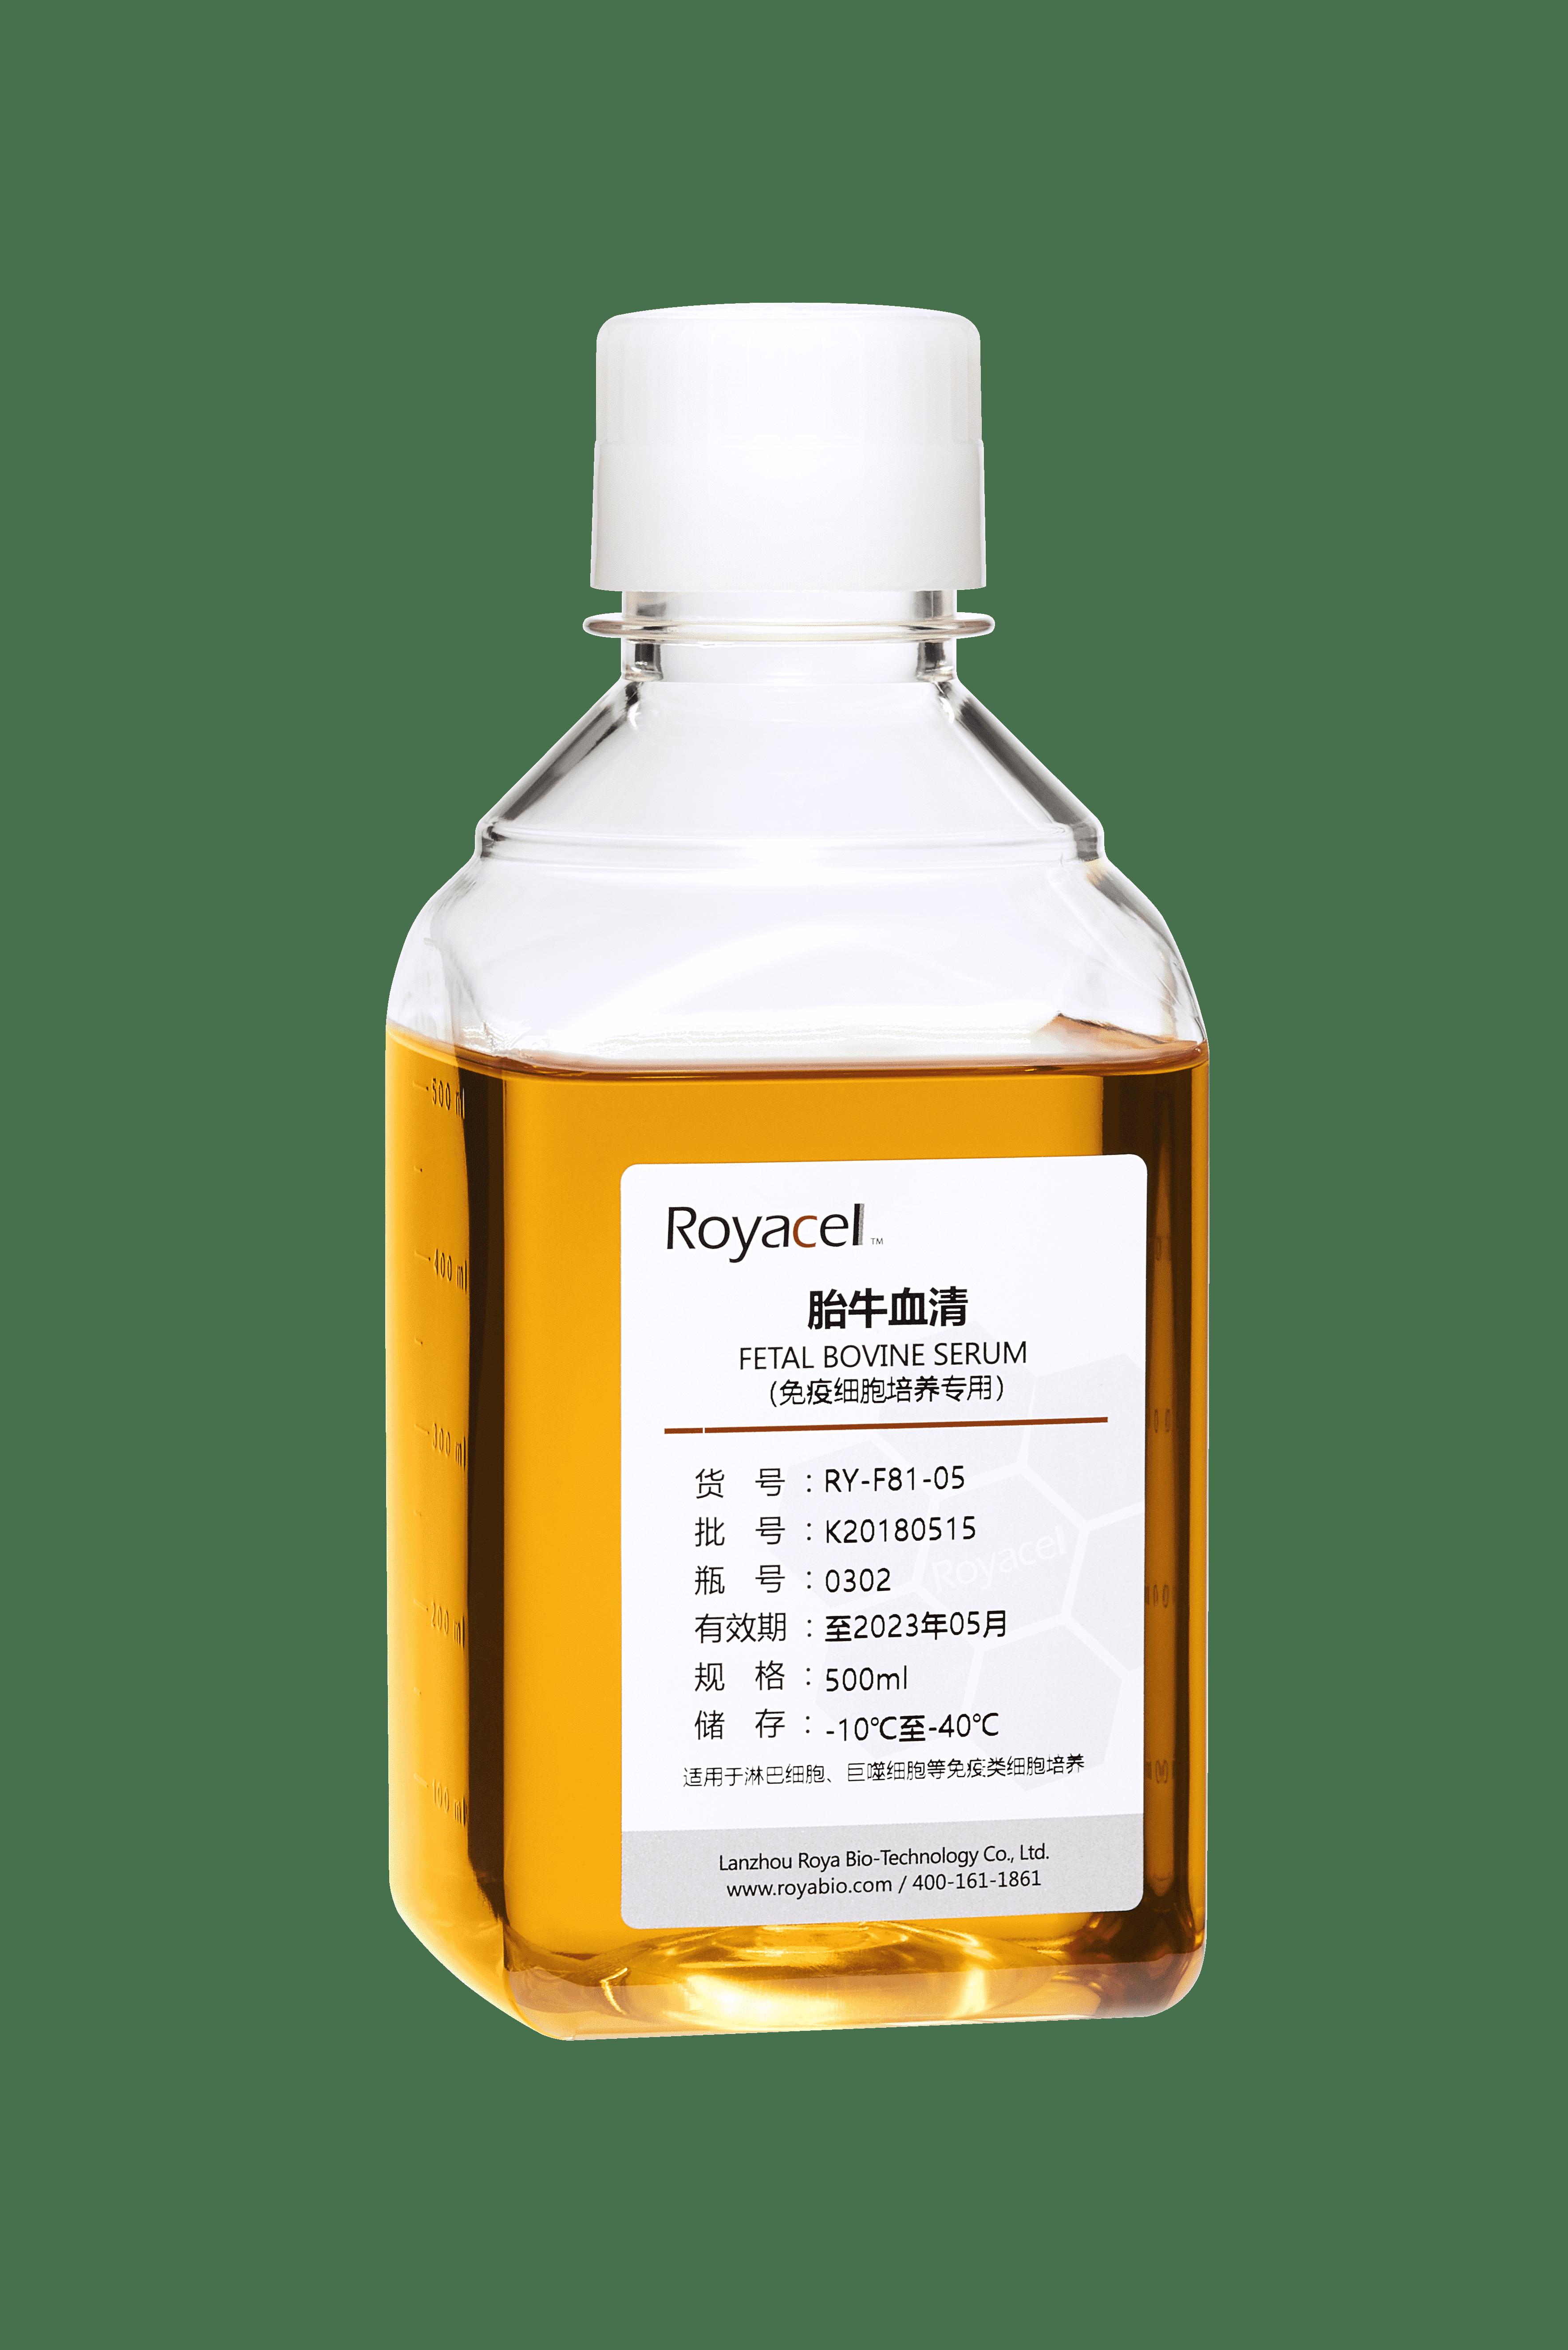 荣晔生物-Royacel 胎牛血清(免疫细胞培养专用)